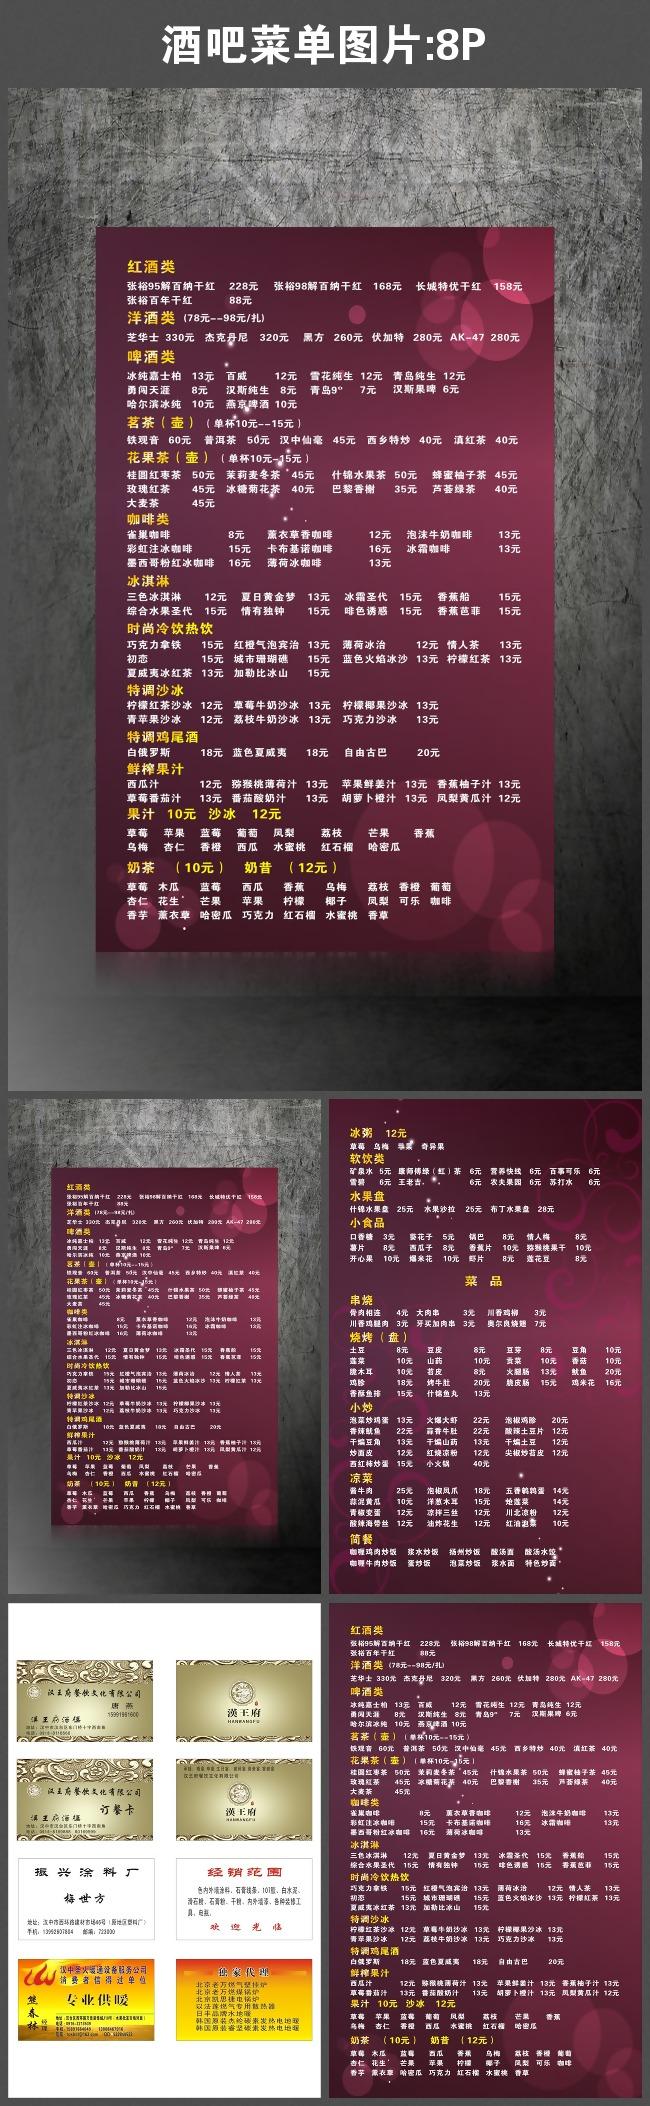 酒吧菜单图片图片下载 酒吧菜单矢量素材 酒吧菜单模板下载 酒吧菜单